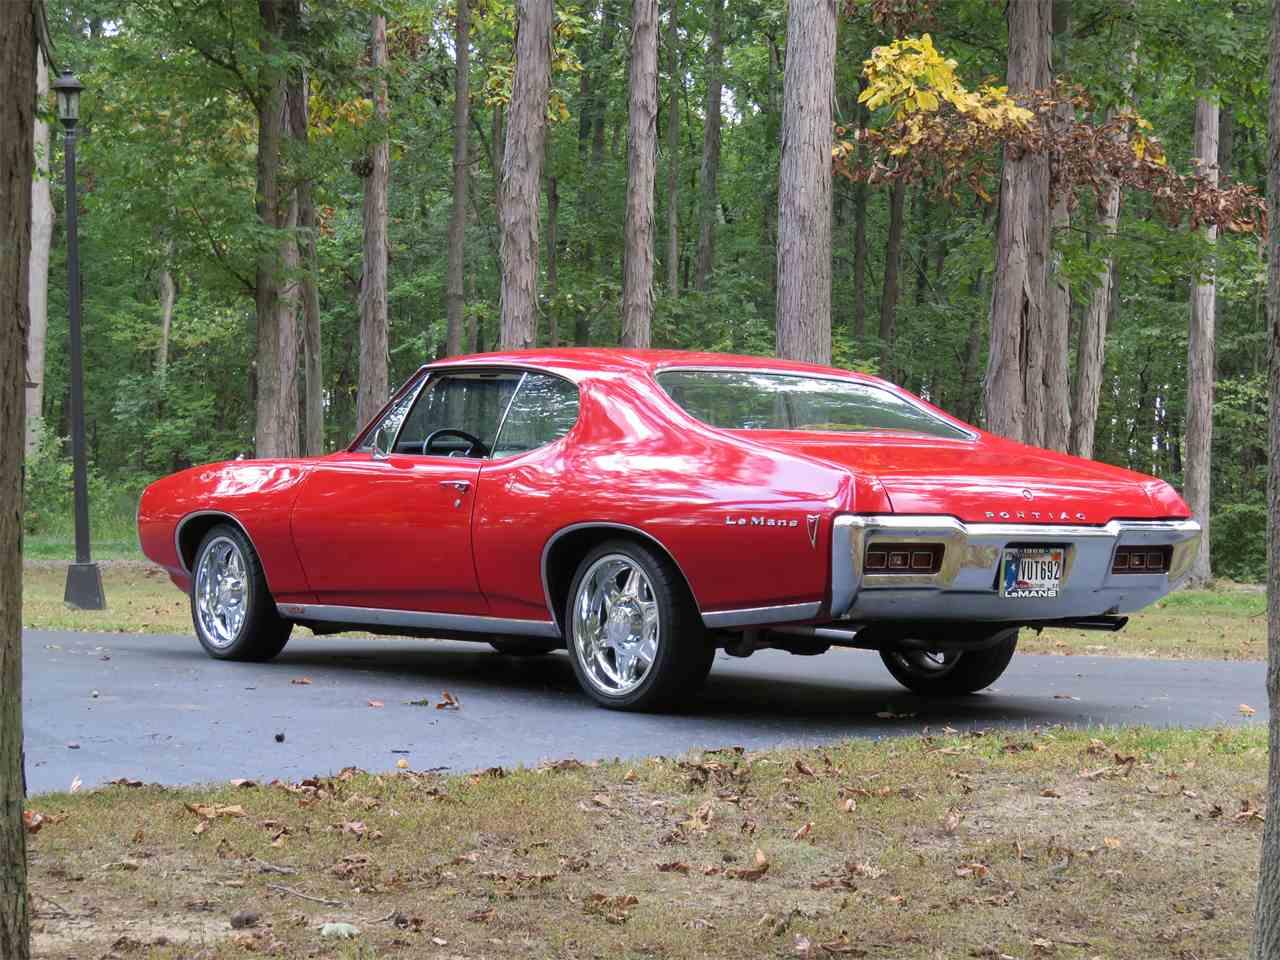 Trucks Under 5000 >> 1968 Pontiac Lemans for Sale | ClassicCars.com | CC-1023052